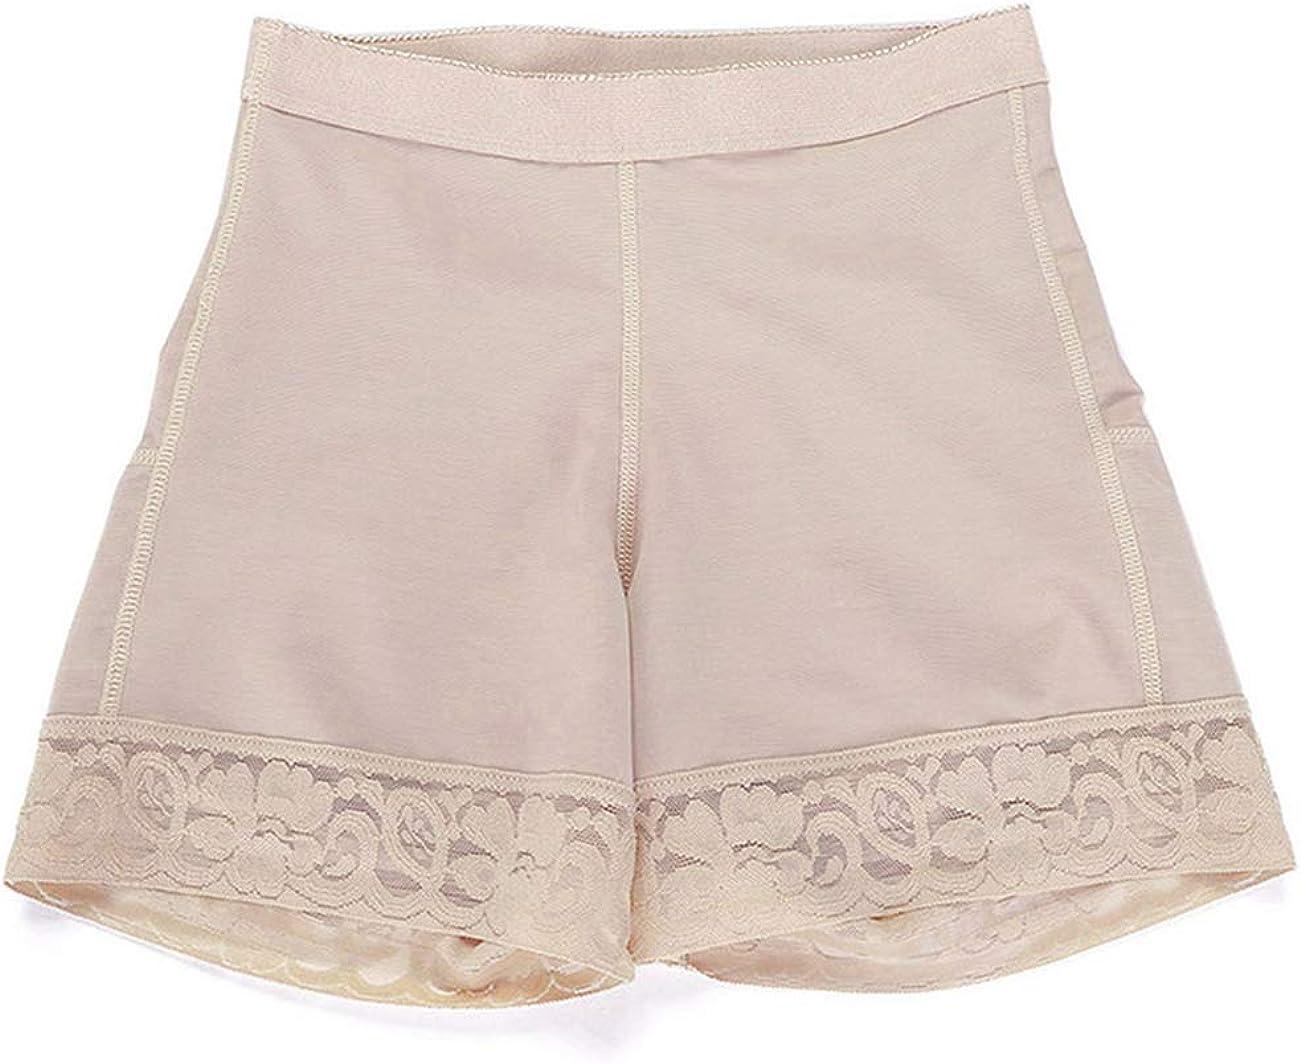 FeelinGirl Intimo Modellante da Donna Dimagrante Shapewear Mutande Elastica a Vita Alta Pantaloncini Snellenti Invisible S-6XL